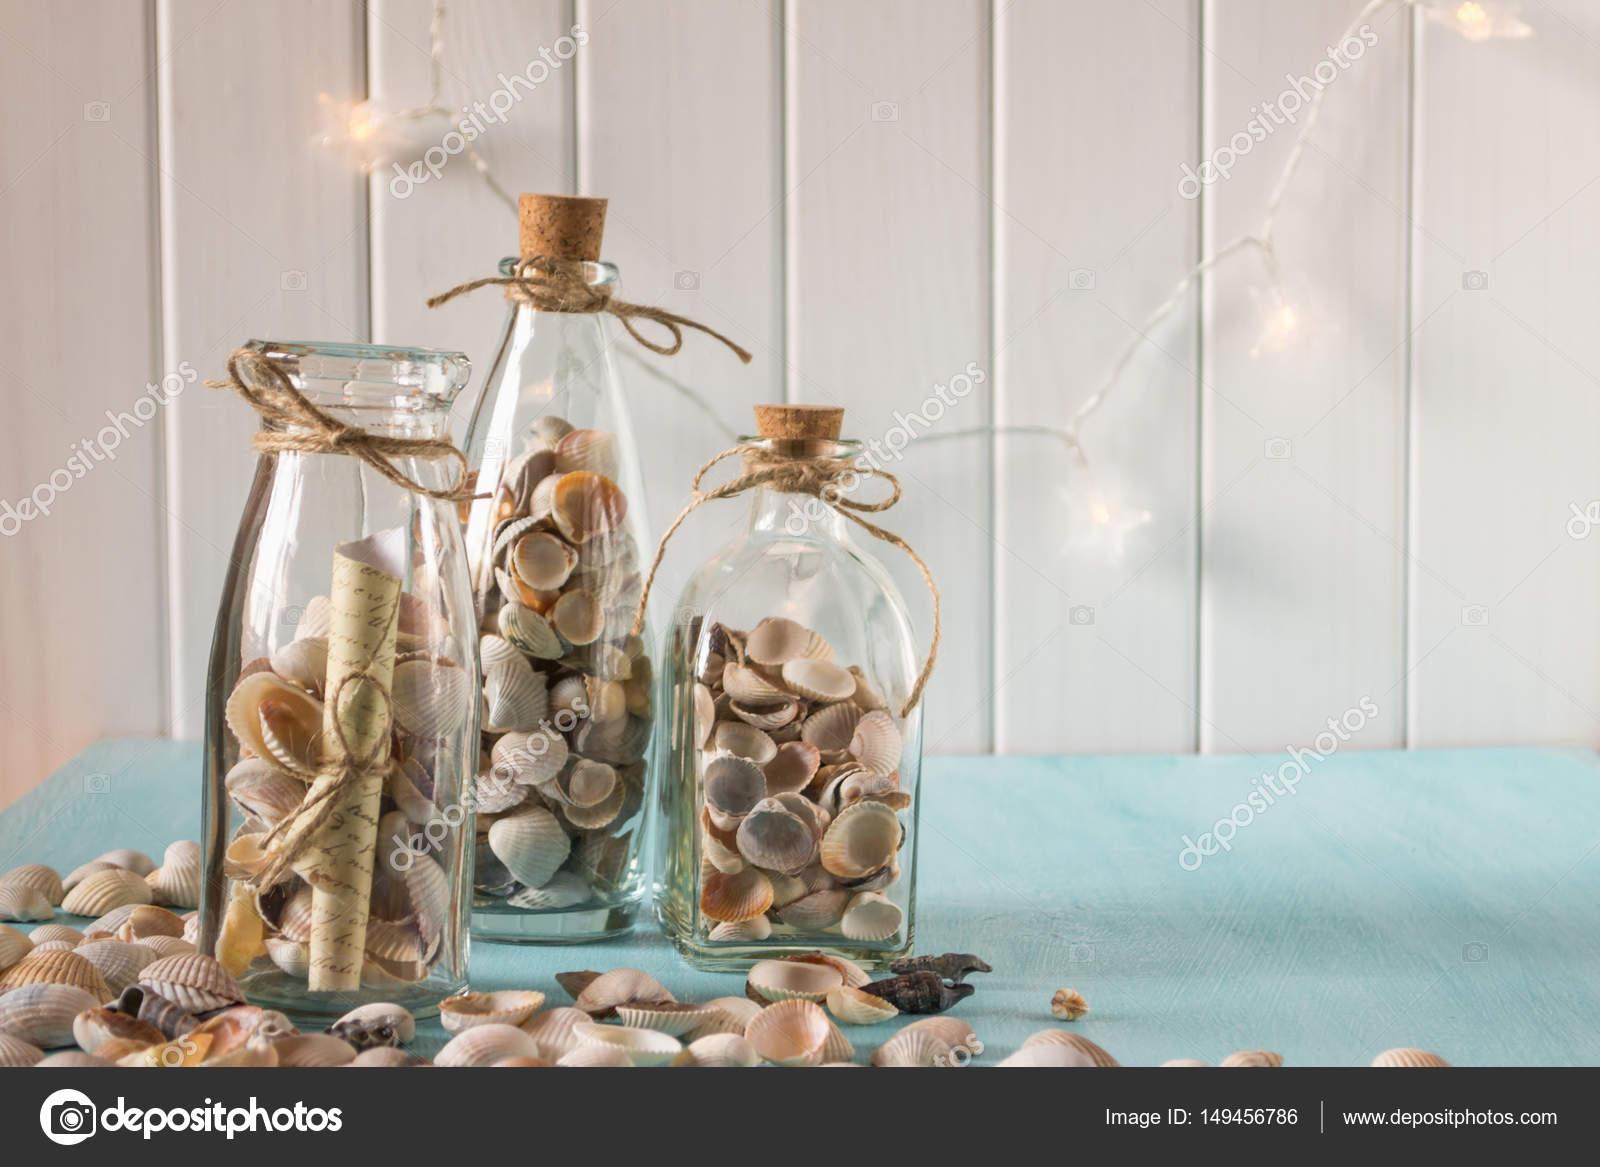 Idee van interieurdecoratie met schelpen en glazen flessen